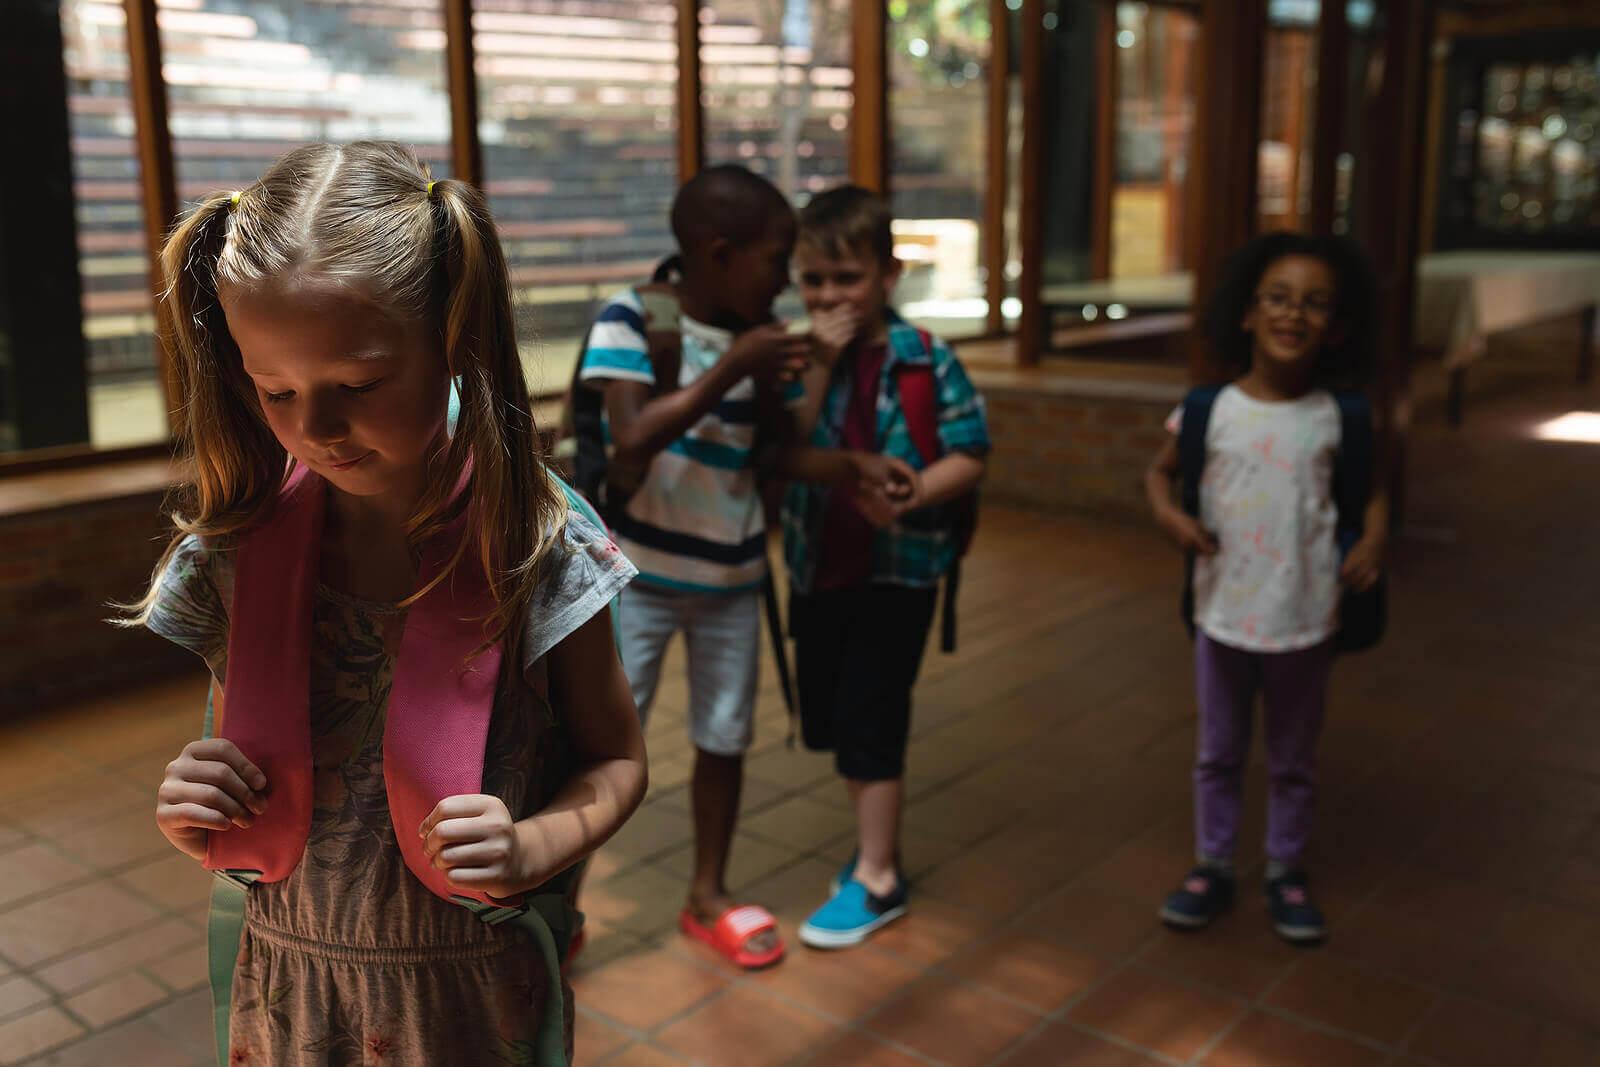 Crianças praticando o bullying